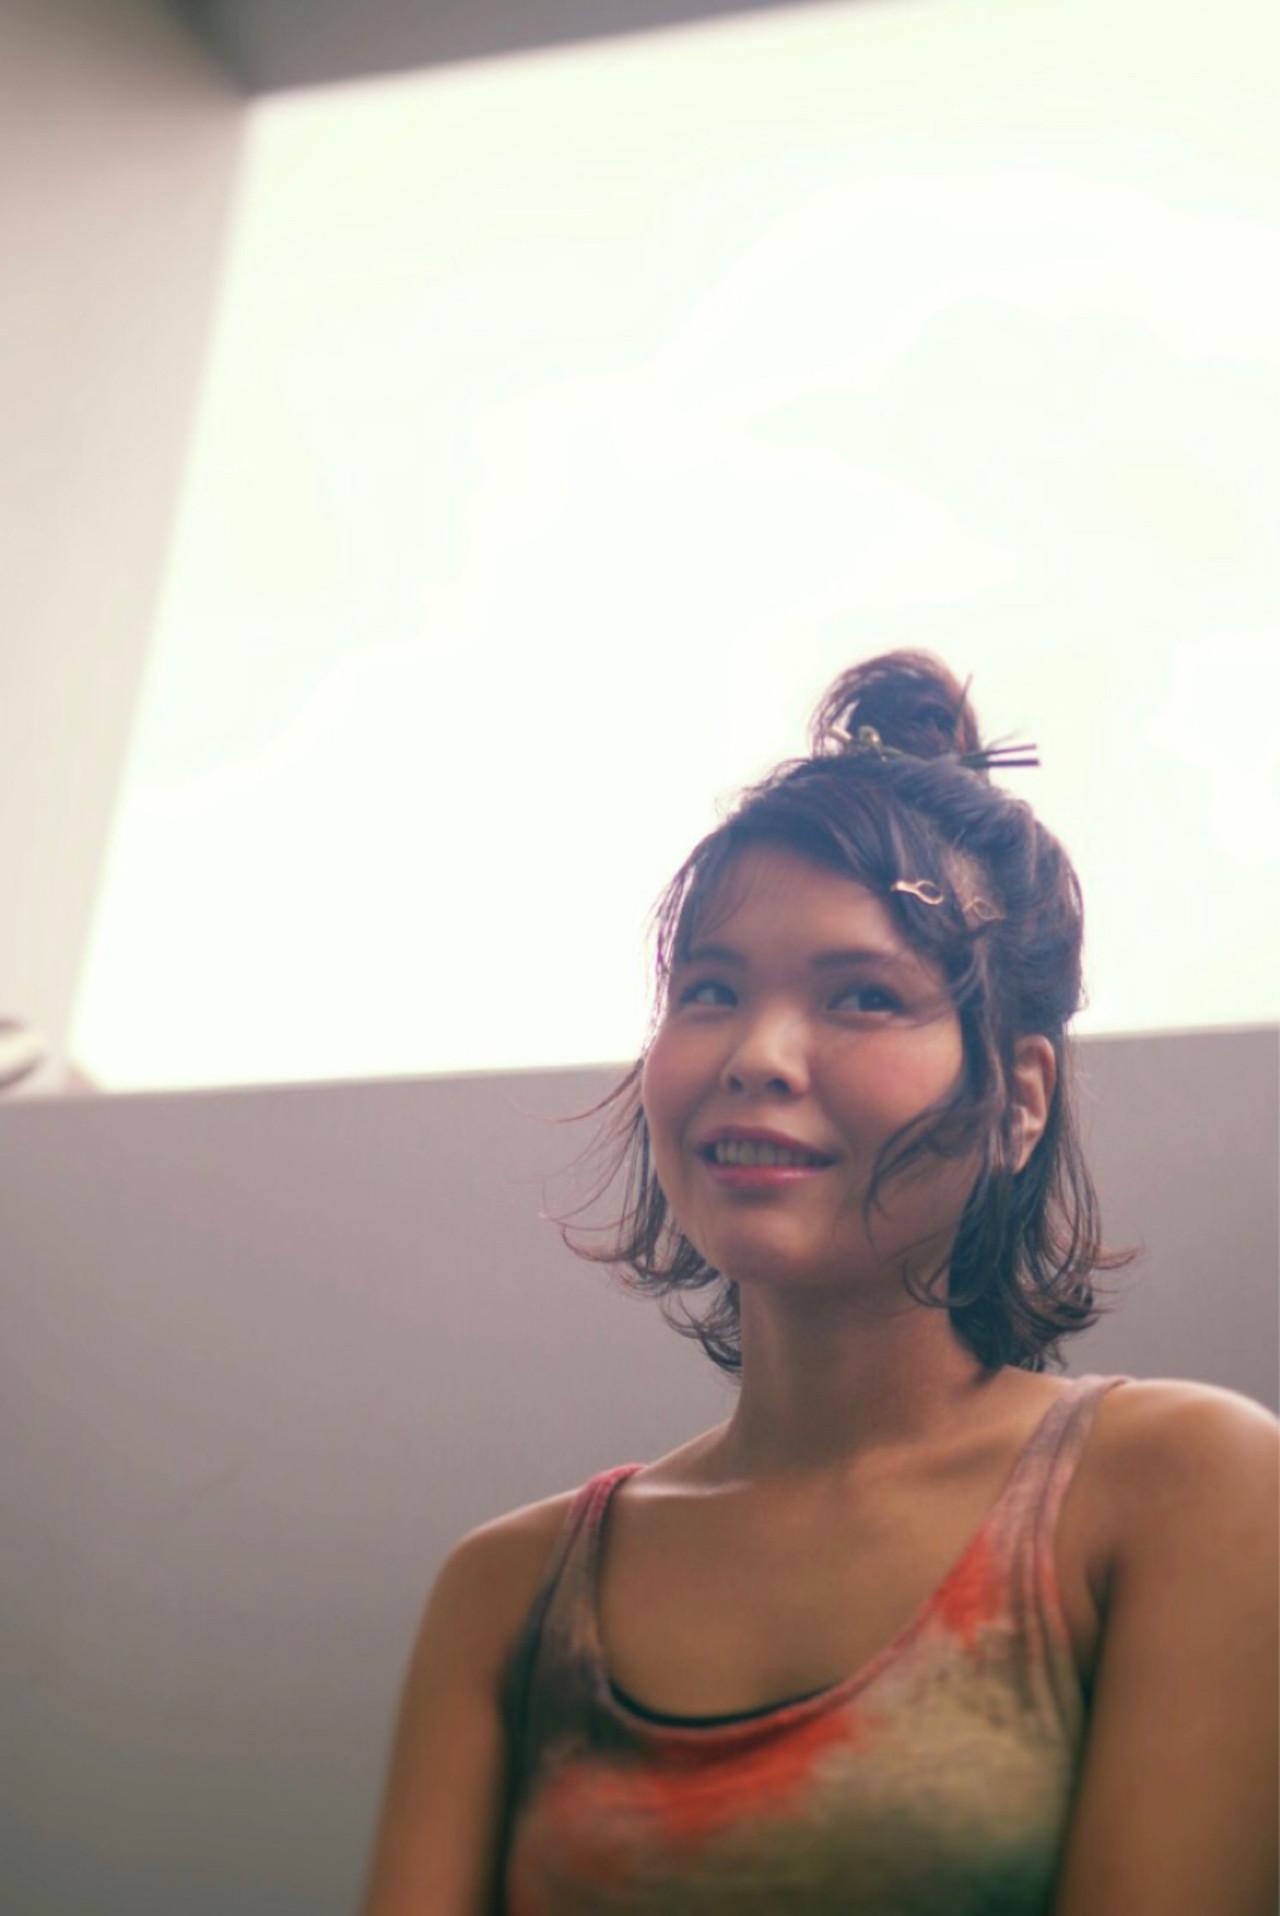 大人女子 ヘアアレンジ フェミニン 簡単ヘアアレンジ ヘアスタイルや髪型の写真・画像